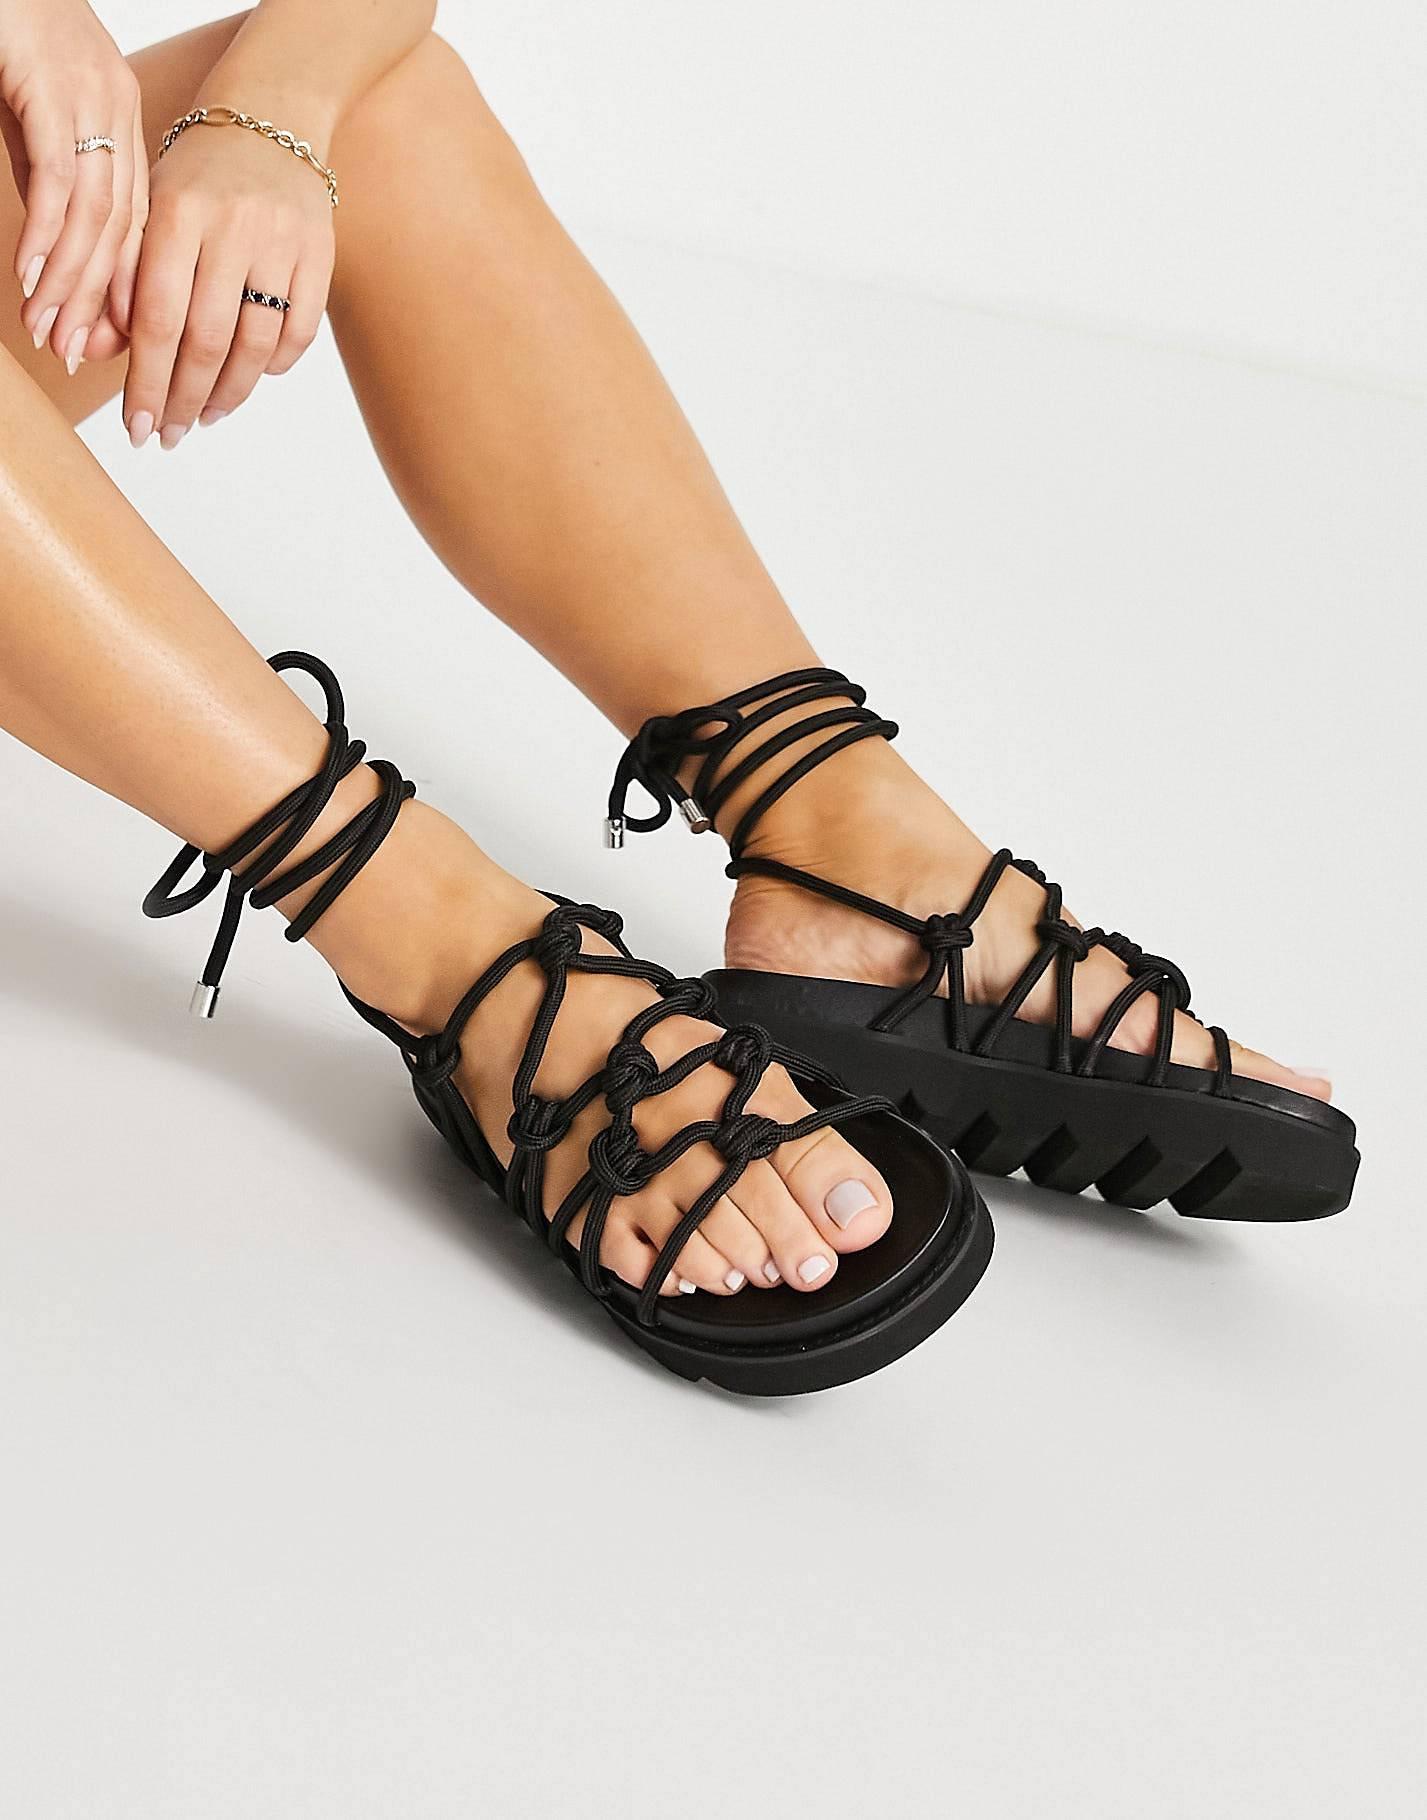 Sandalias negras de cuerda gruesa.